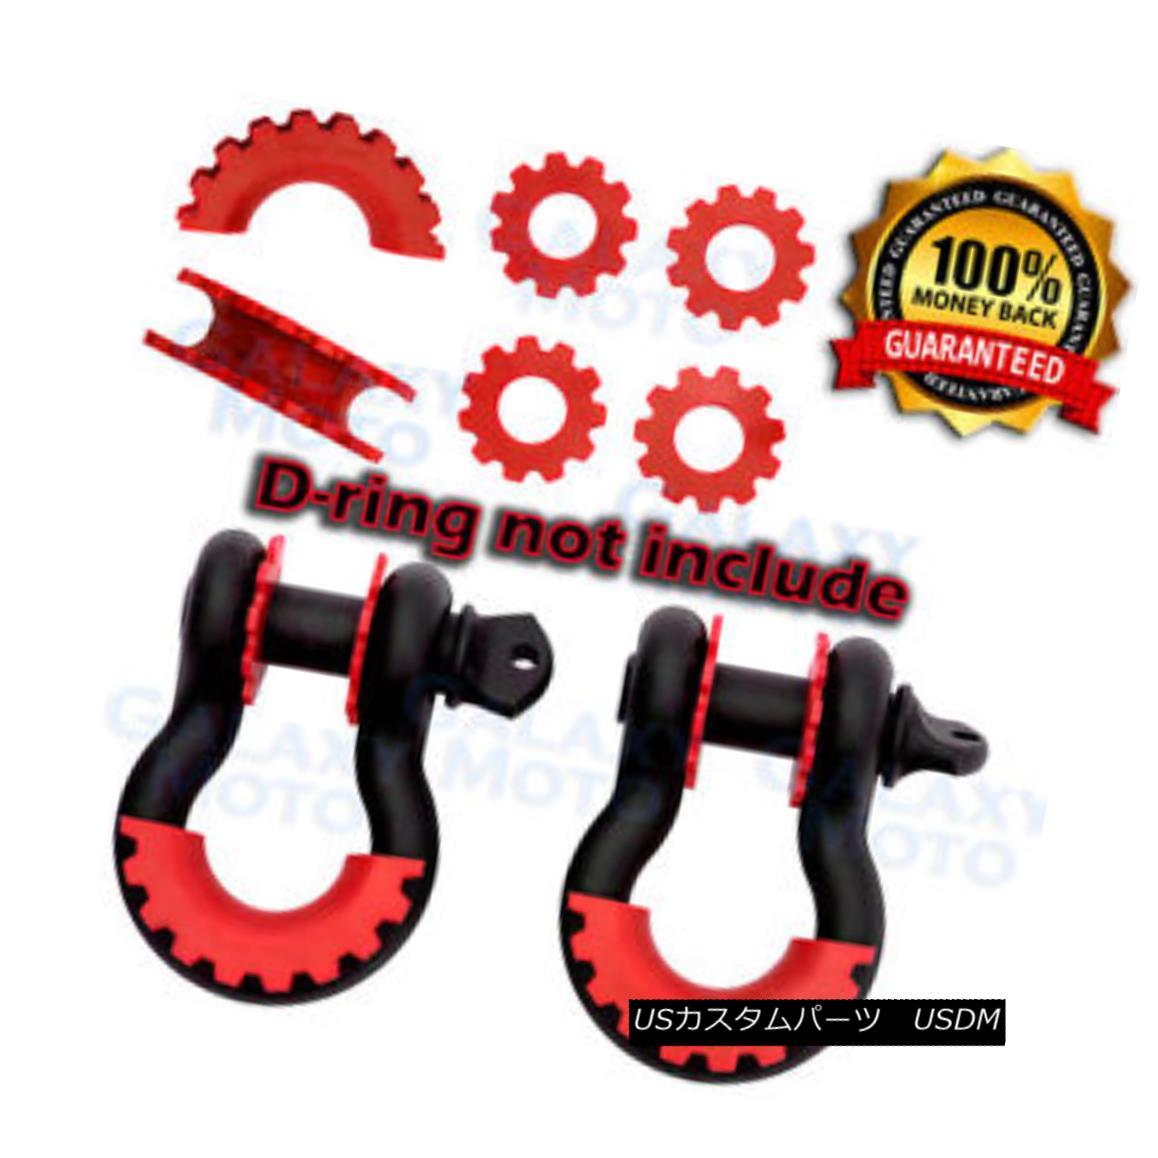 グリル RED D-Ring Shackle Isolator & Washers 6pcs Set Rattling Protection Cover Kits RED D-リングシャックルアイソレータ& ワッシャー6個セット防護カバーキット